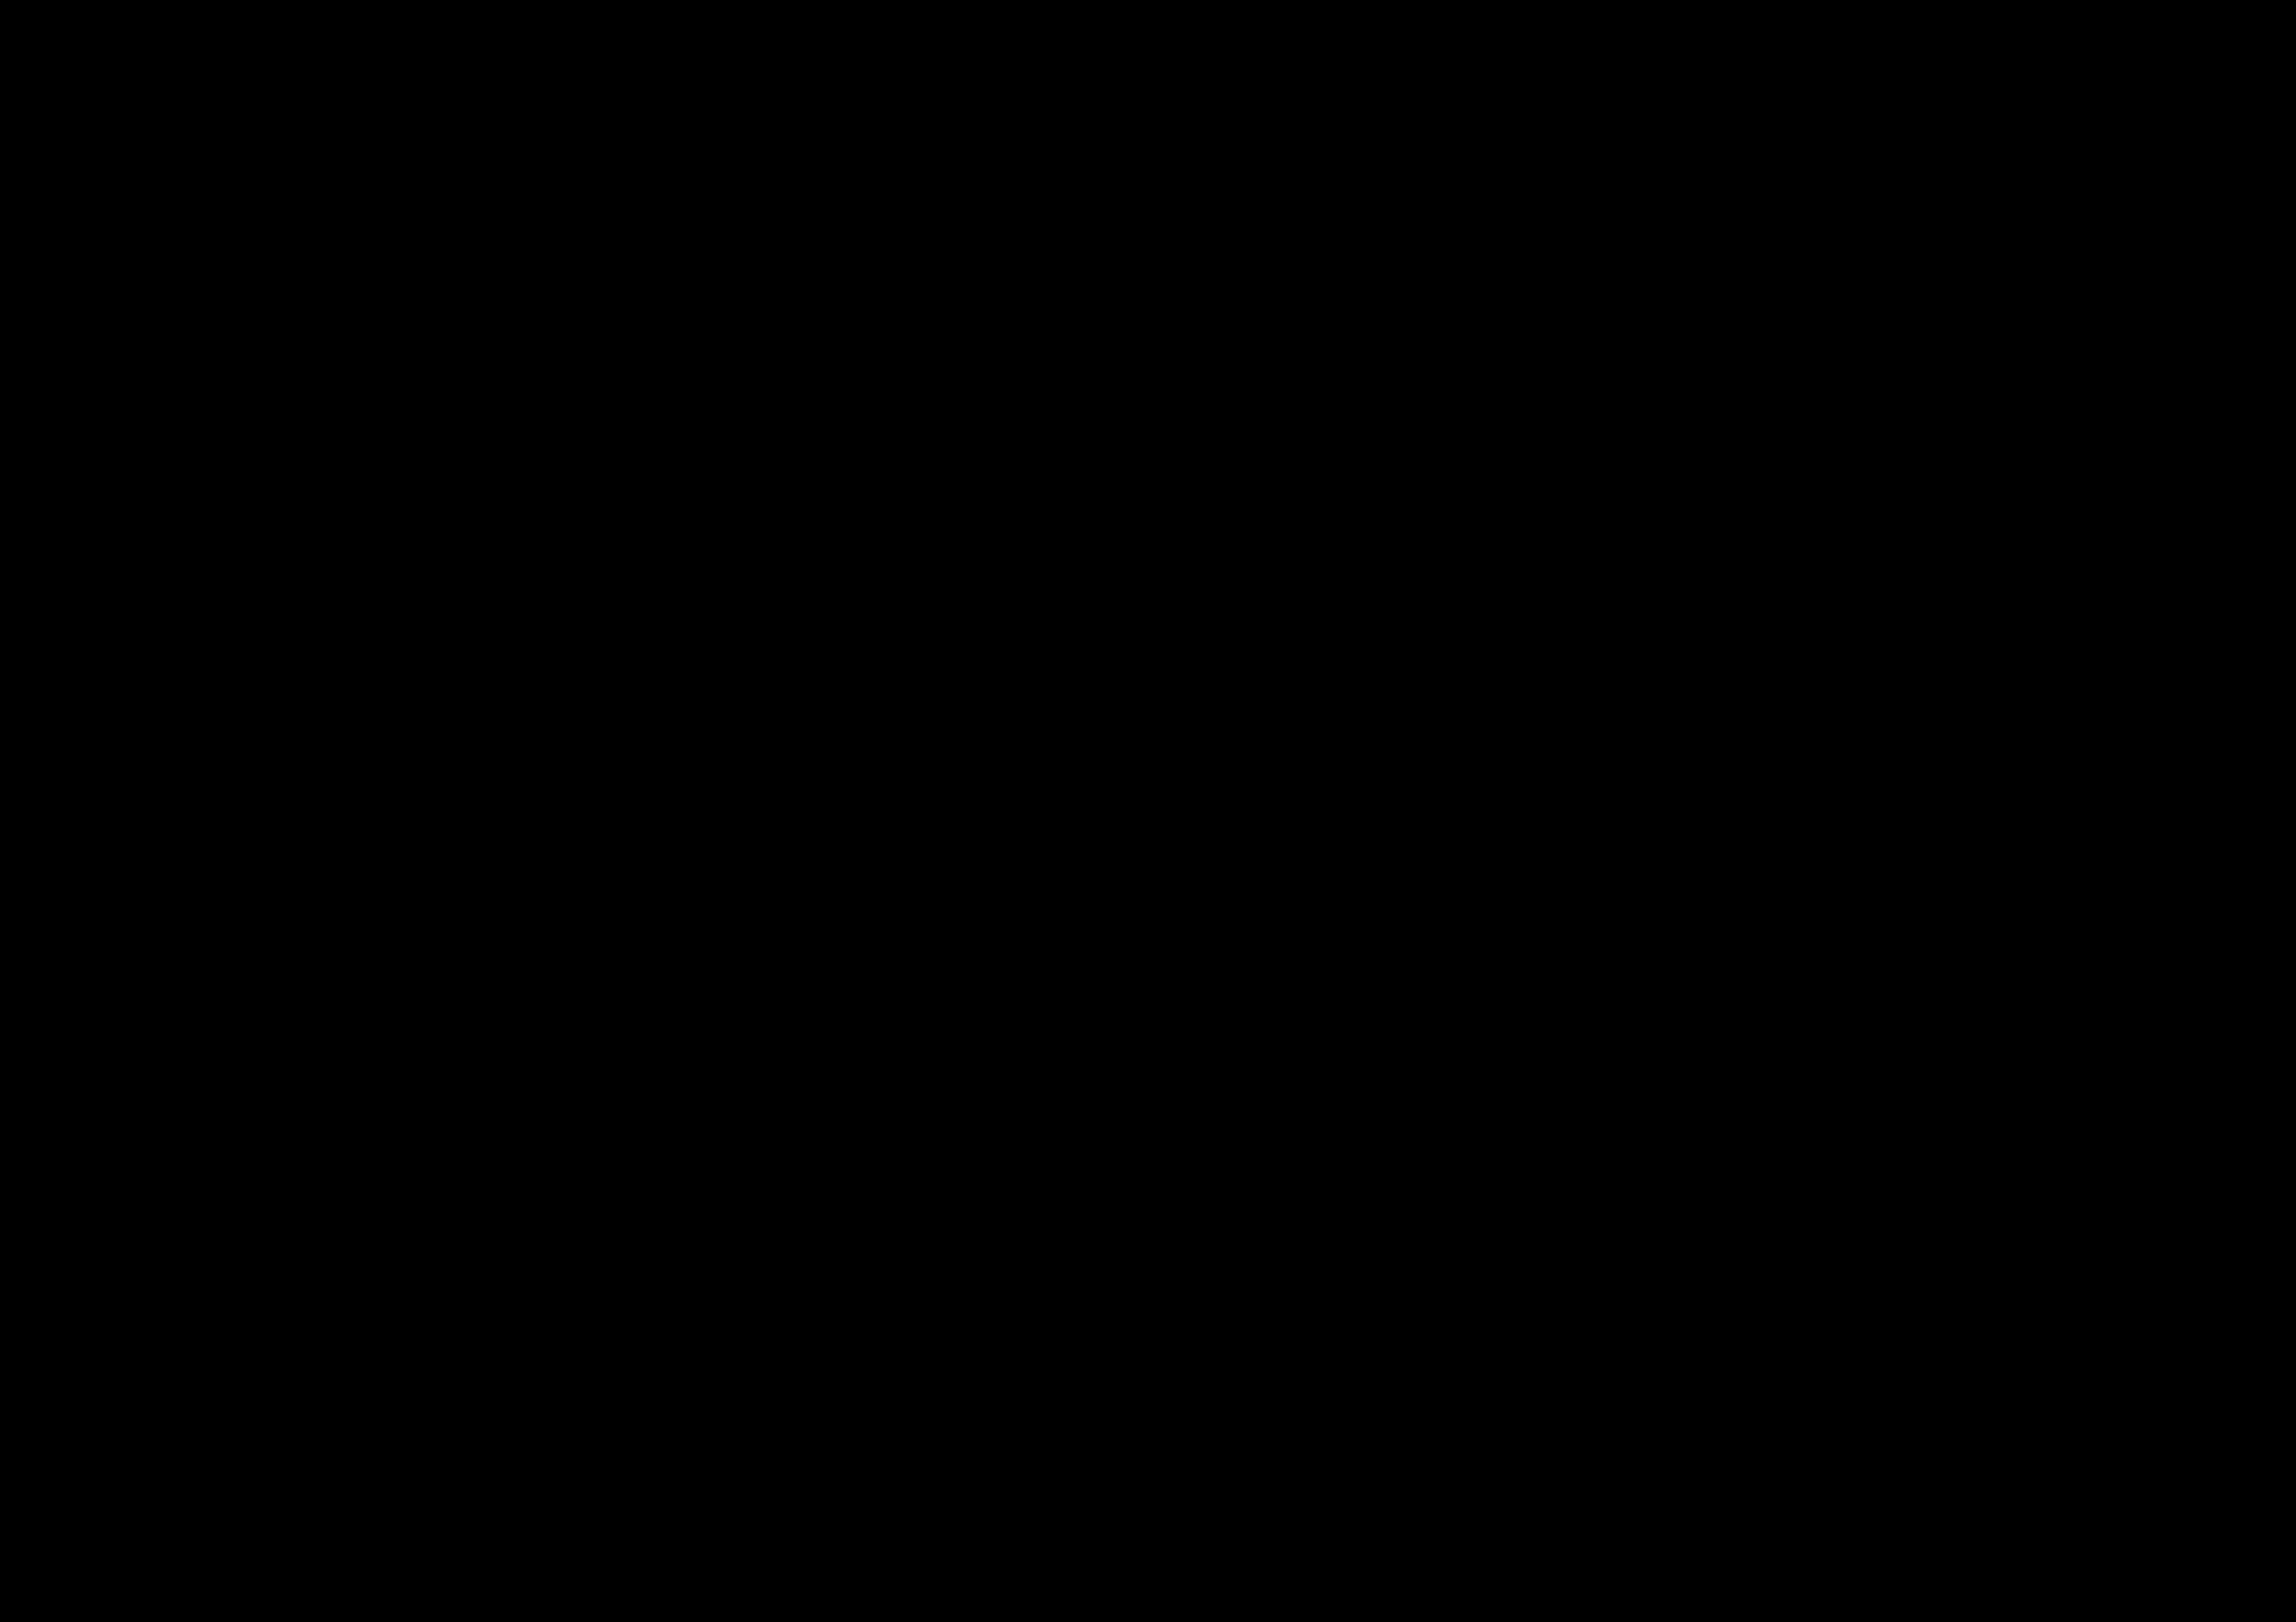 spazio reclica natura Board